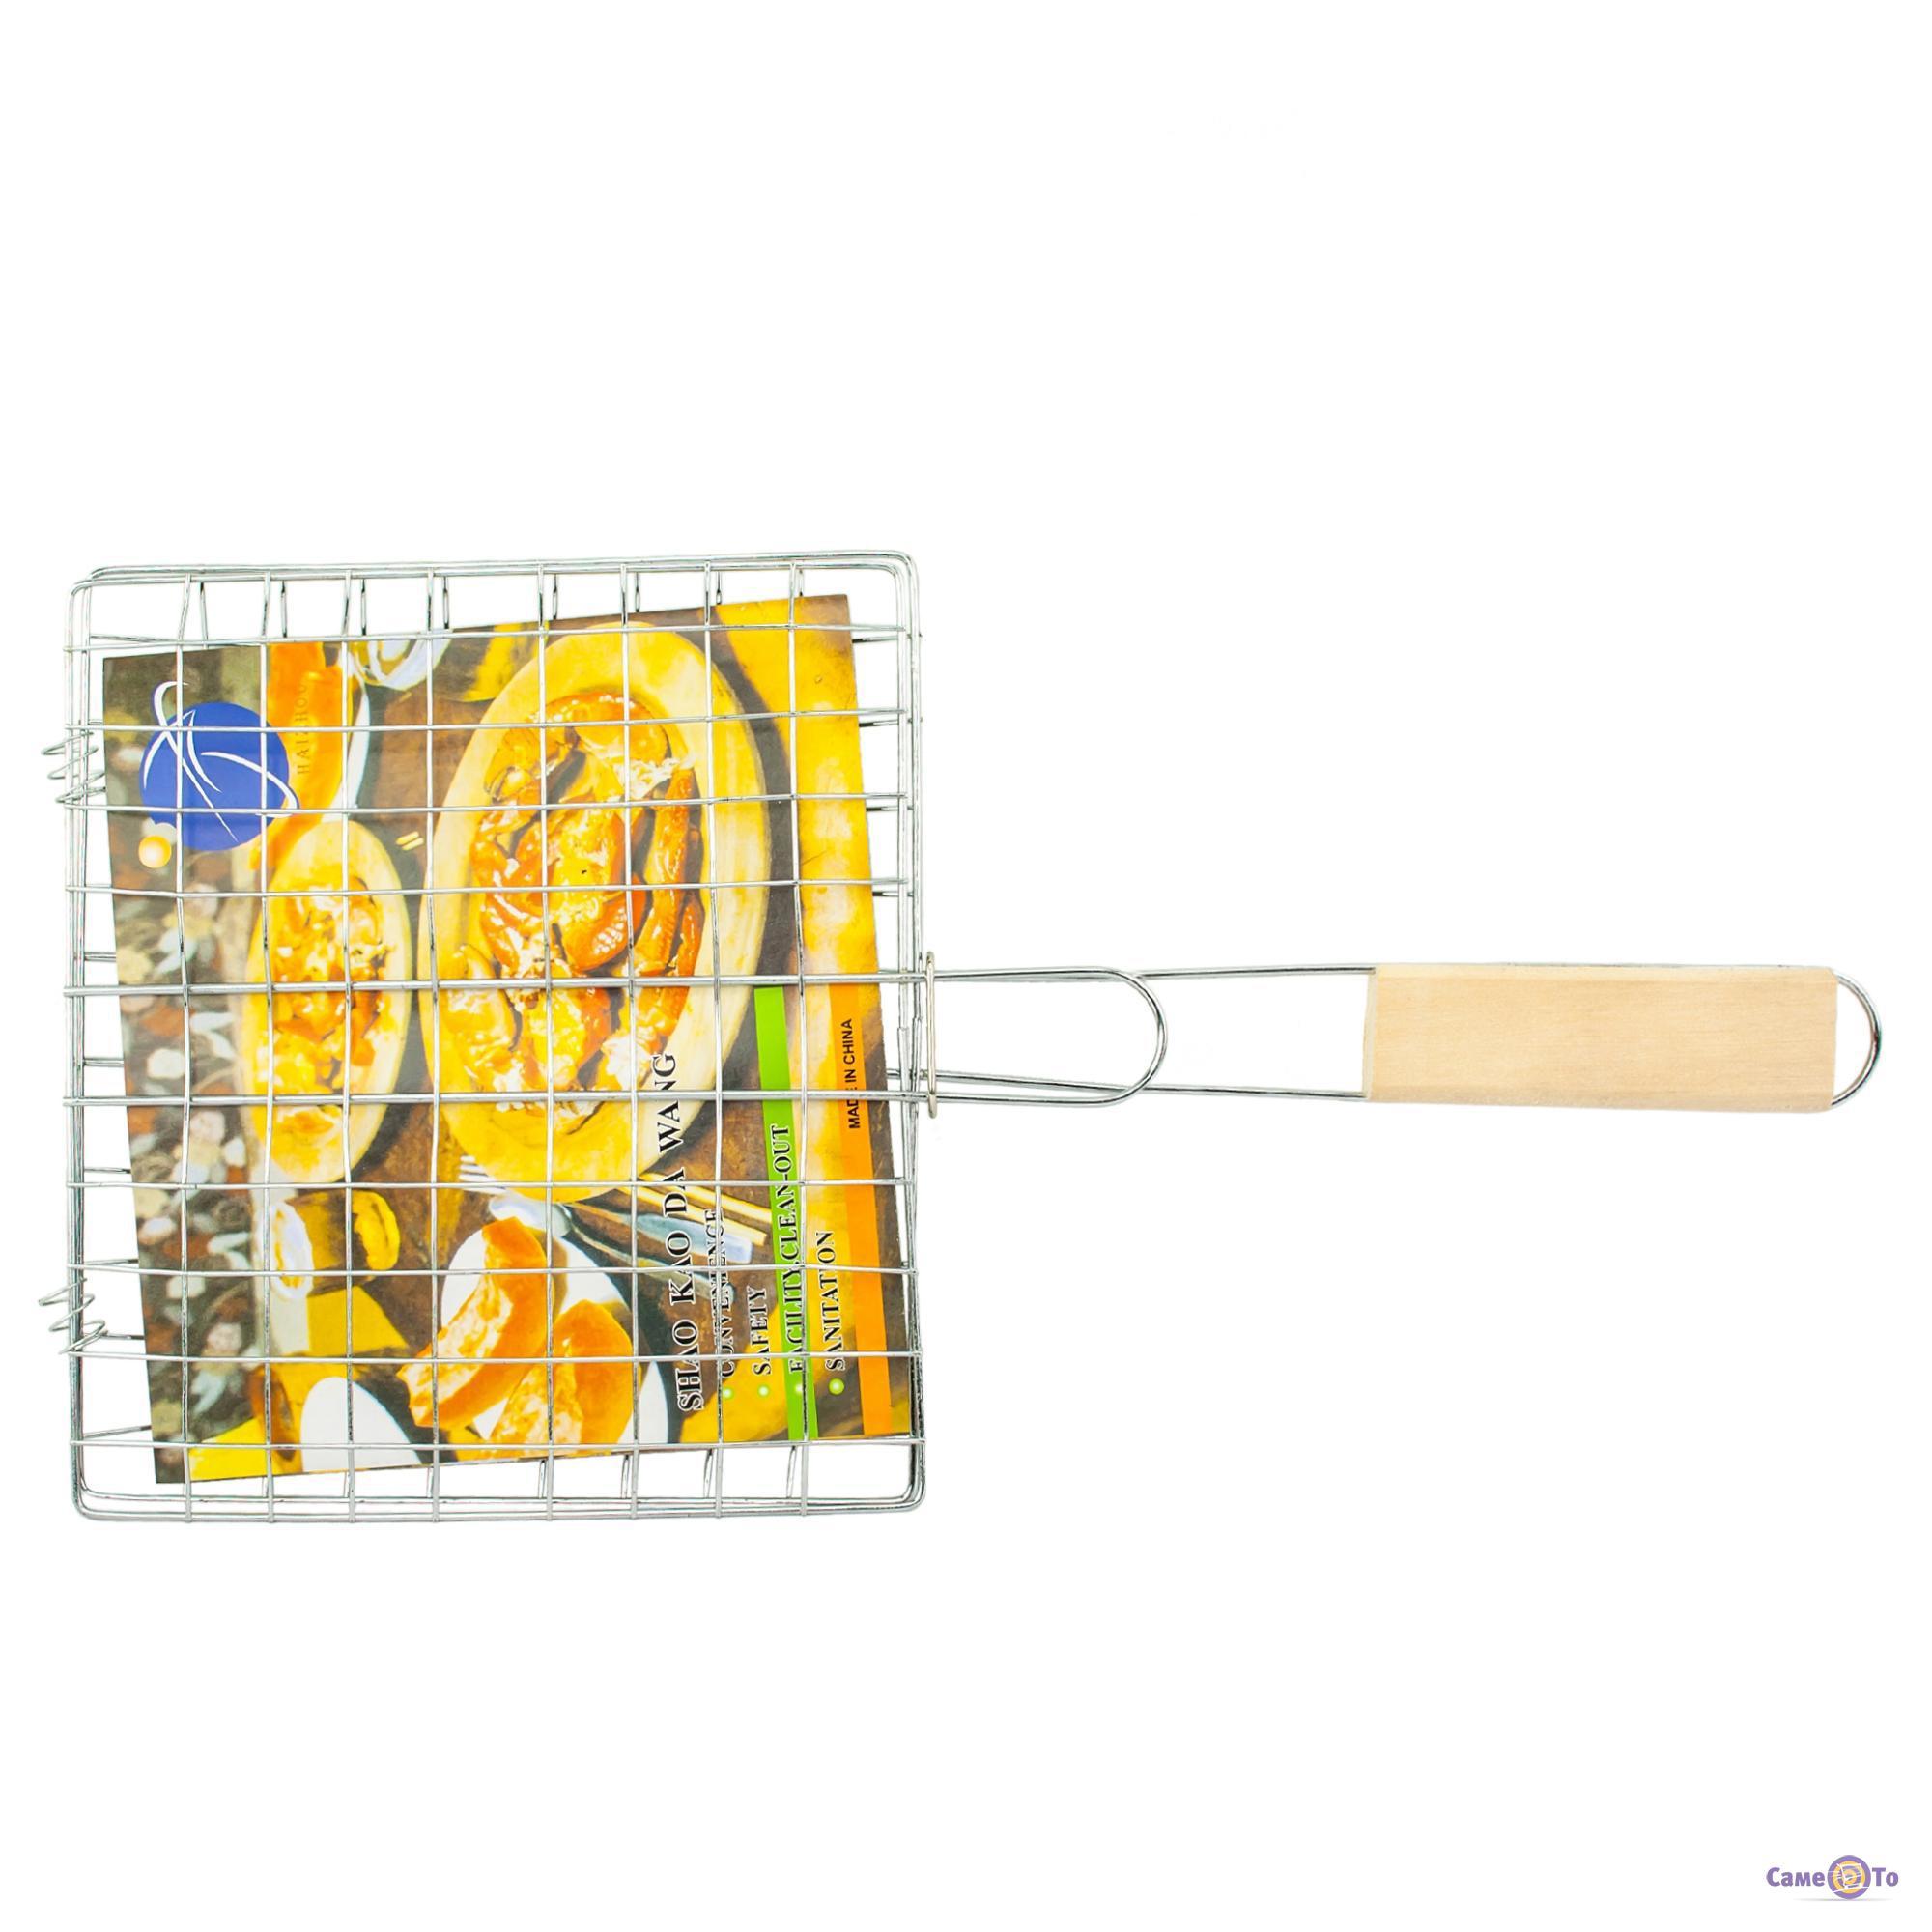 Решетка для гриля и барбекю из нержавейки 21.5х19 см.